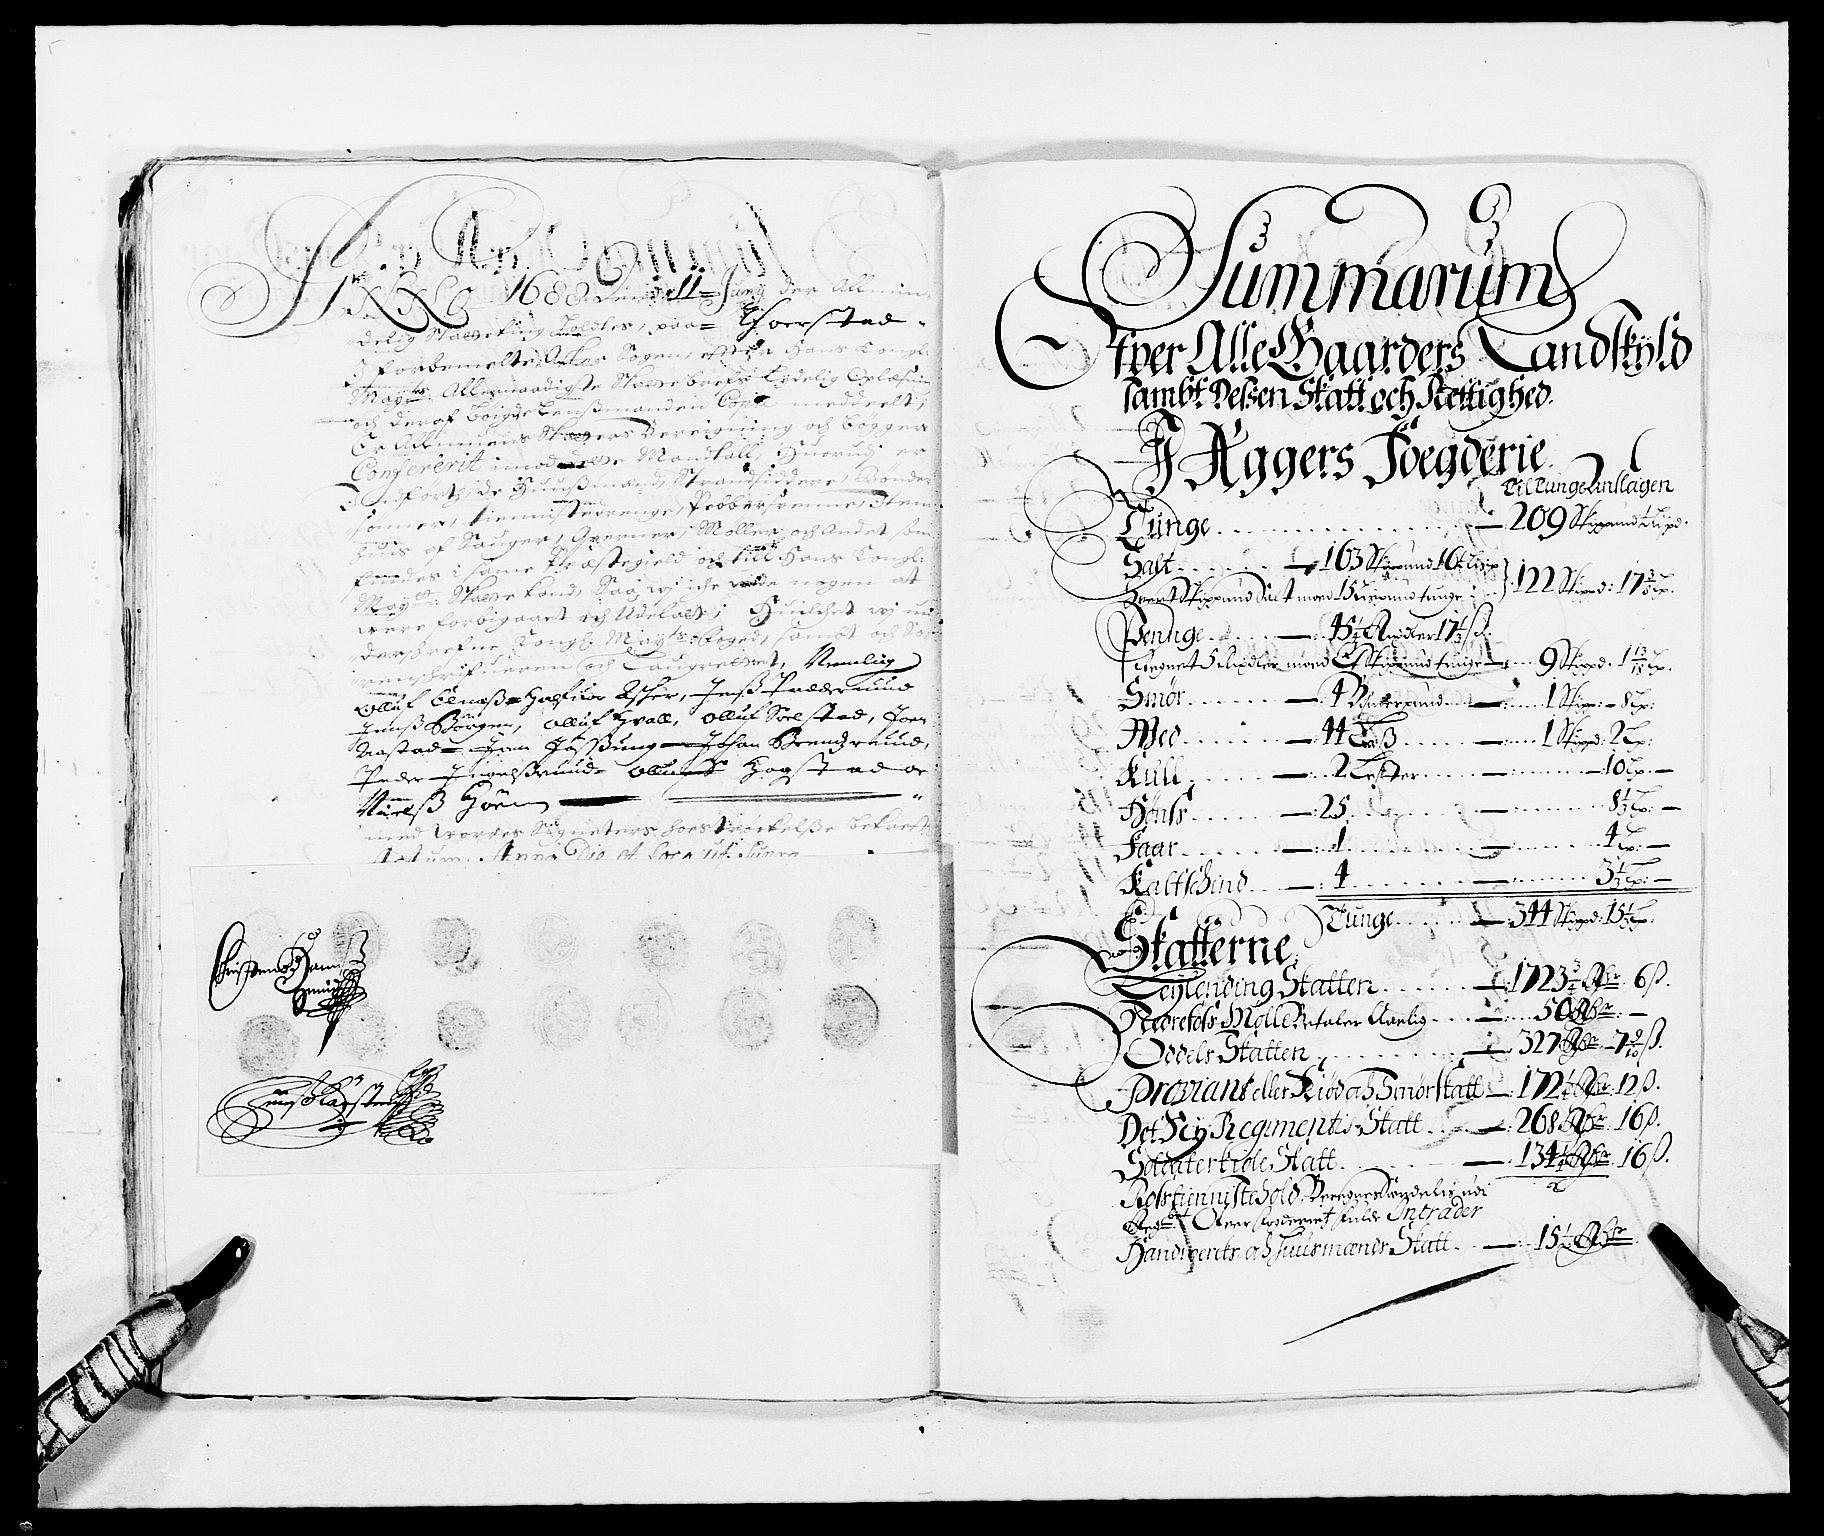 RA, Rentekammeret inntil 1814, Reviderte regnskaper, Fogderegnskap, R08/L0422: Fogderegnskap Aker, 1684-1686, s. 336